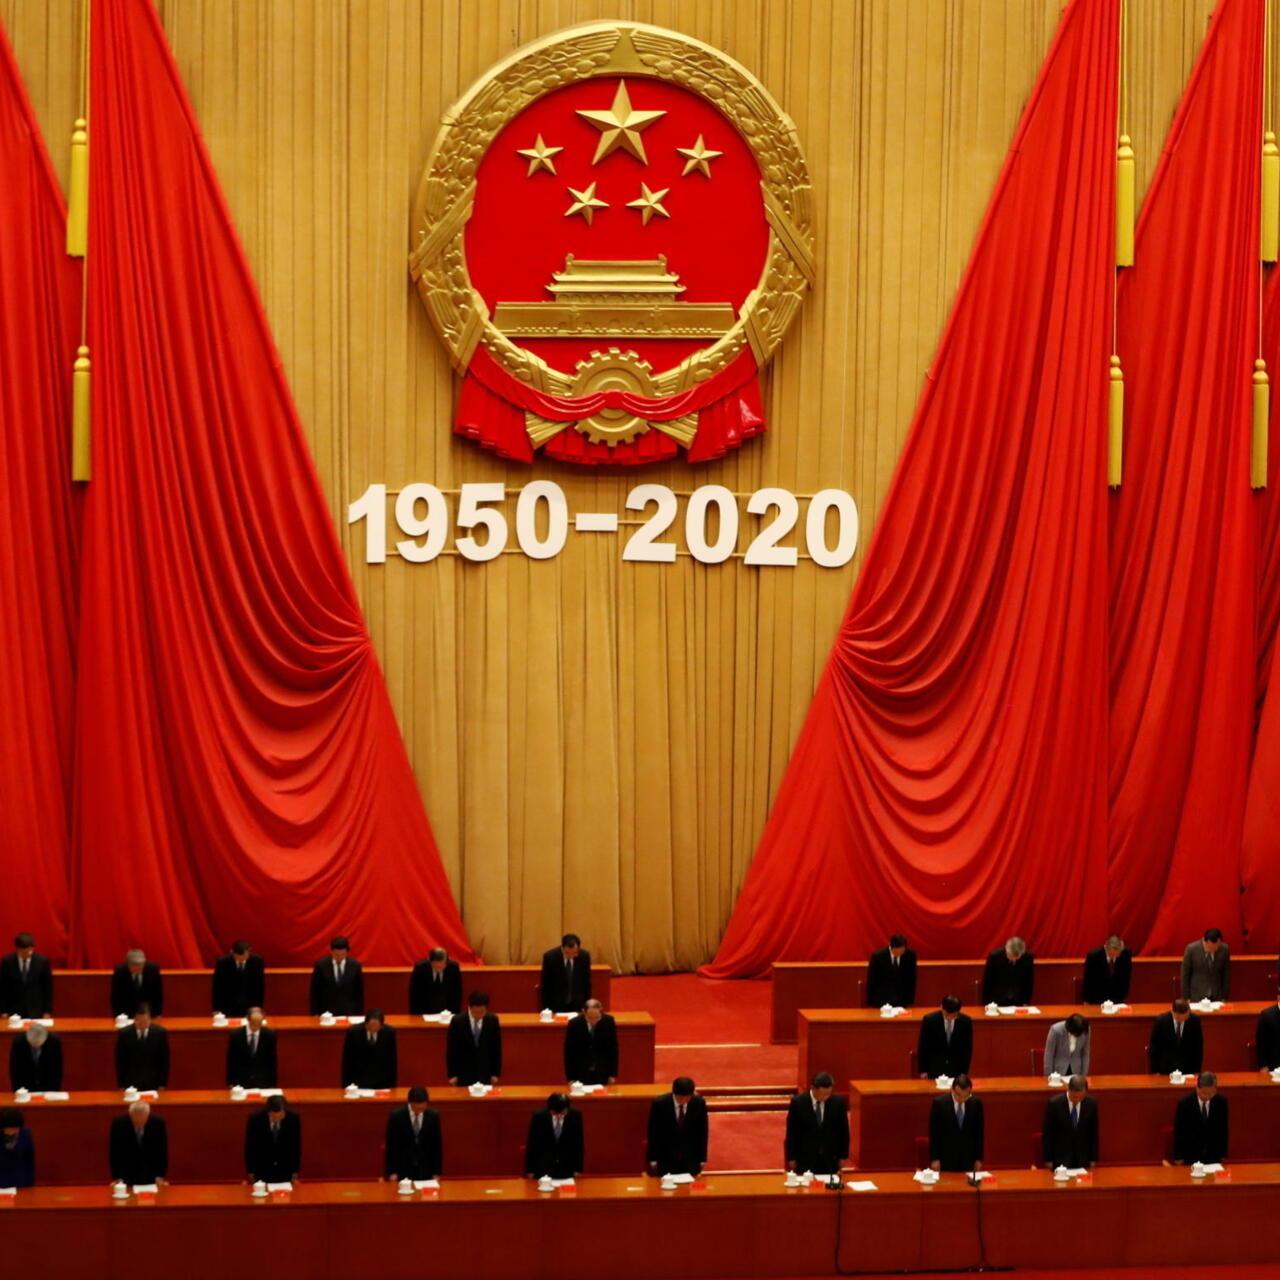 Les Droles De Chiffres De La Croissance Chinoise En Pleine Pandemie De Covid 19